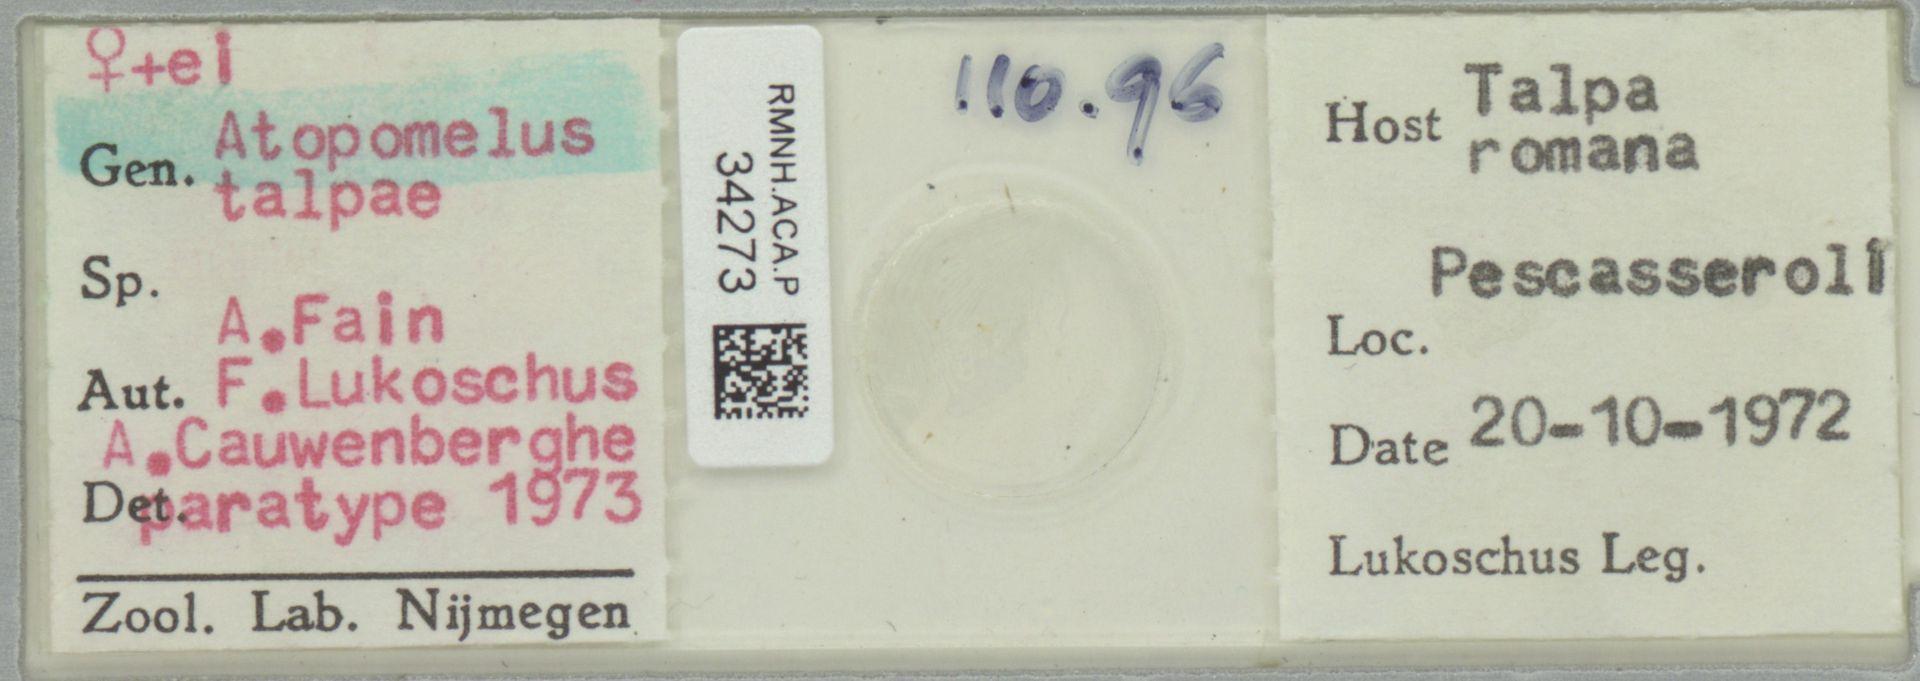 RMNH.ACA.P.34273 | Atopomelus talpae A. Fain, F. Lukoschus, A. Cauwenberghe 1973